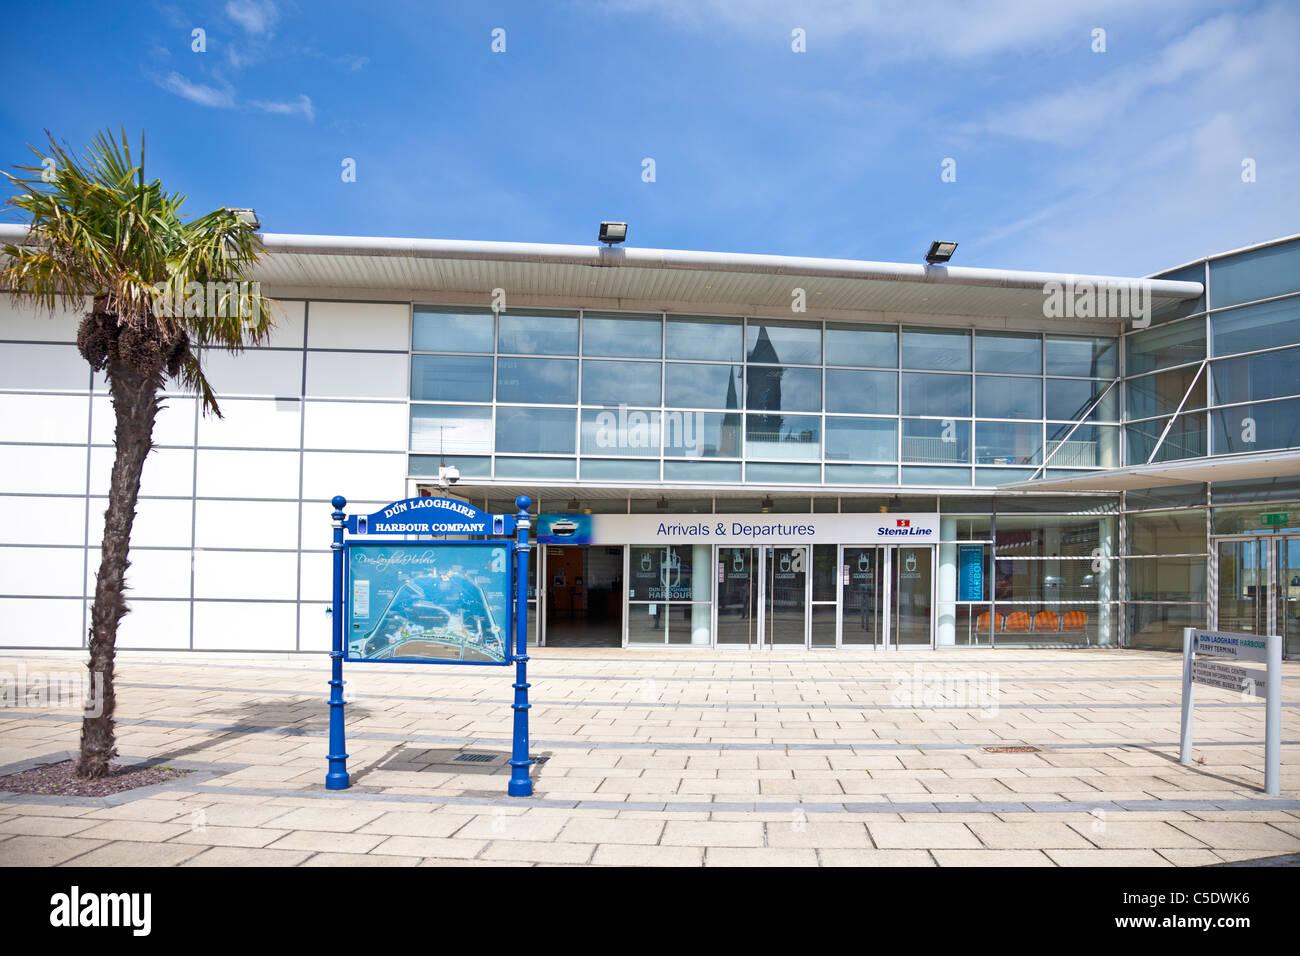 La entrada a la sala de salidas y llegadas de la Stena Line terminal de ferry en Dún Laoghaire, República de Irlanda Foto de stock